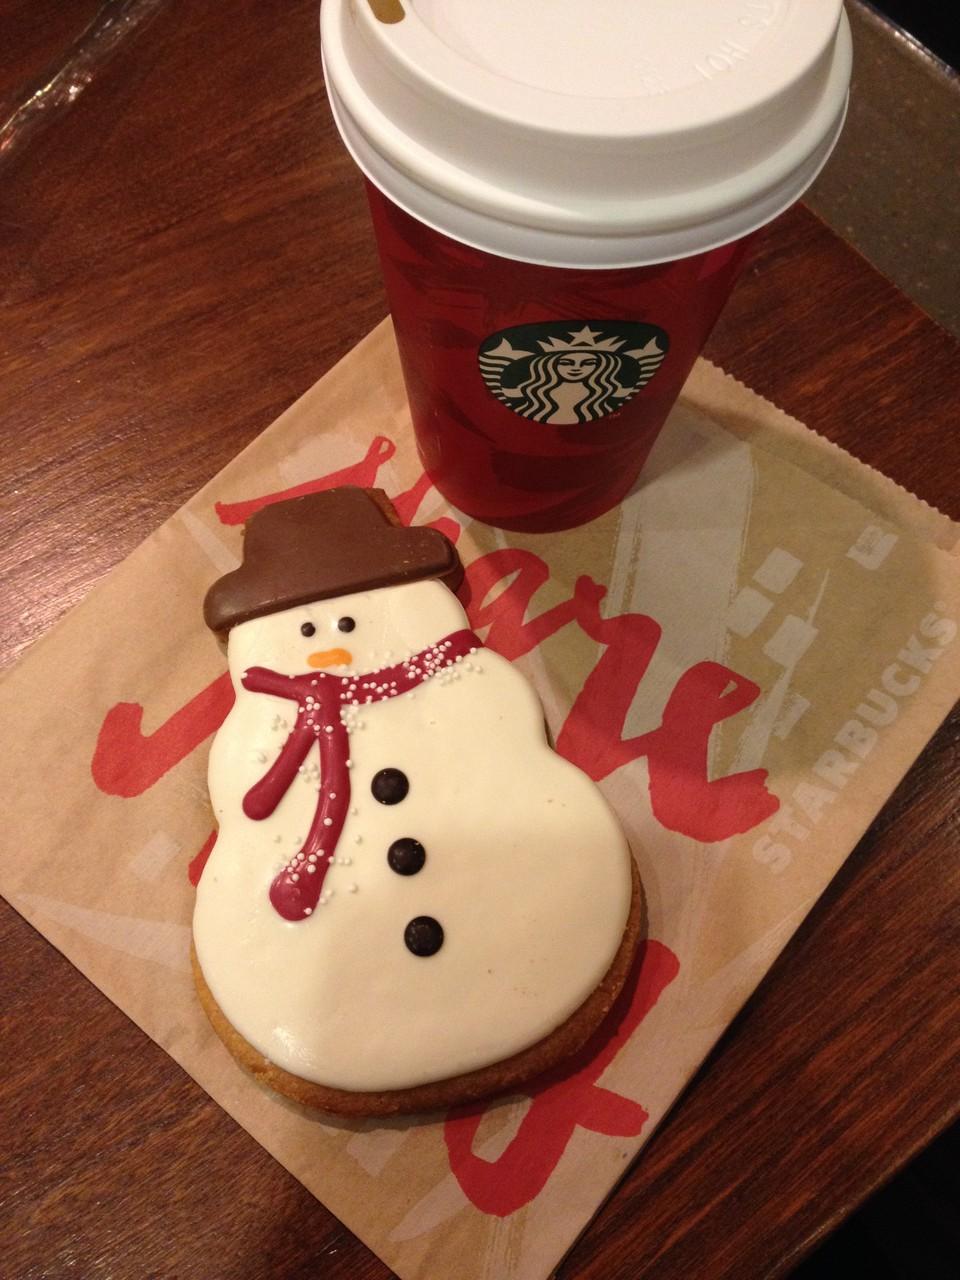 Schneemannkeks bei Starbucks